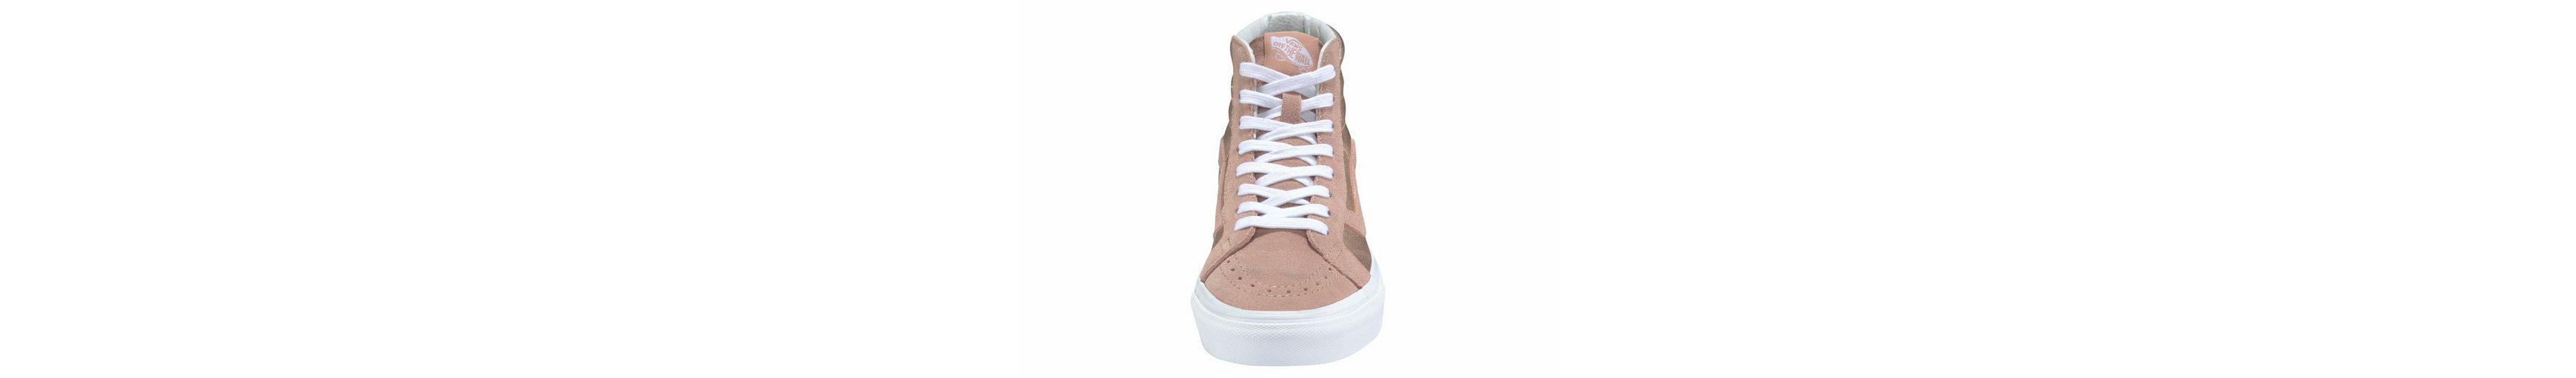 Vans SK8-Hi Reissue W Sneaker Nagelneu Unisex Freie Verschiffen-Websites Große Diskont Online Billig Verkauf Niedriger Preis QG7c5g7xT